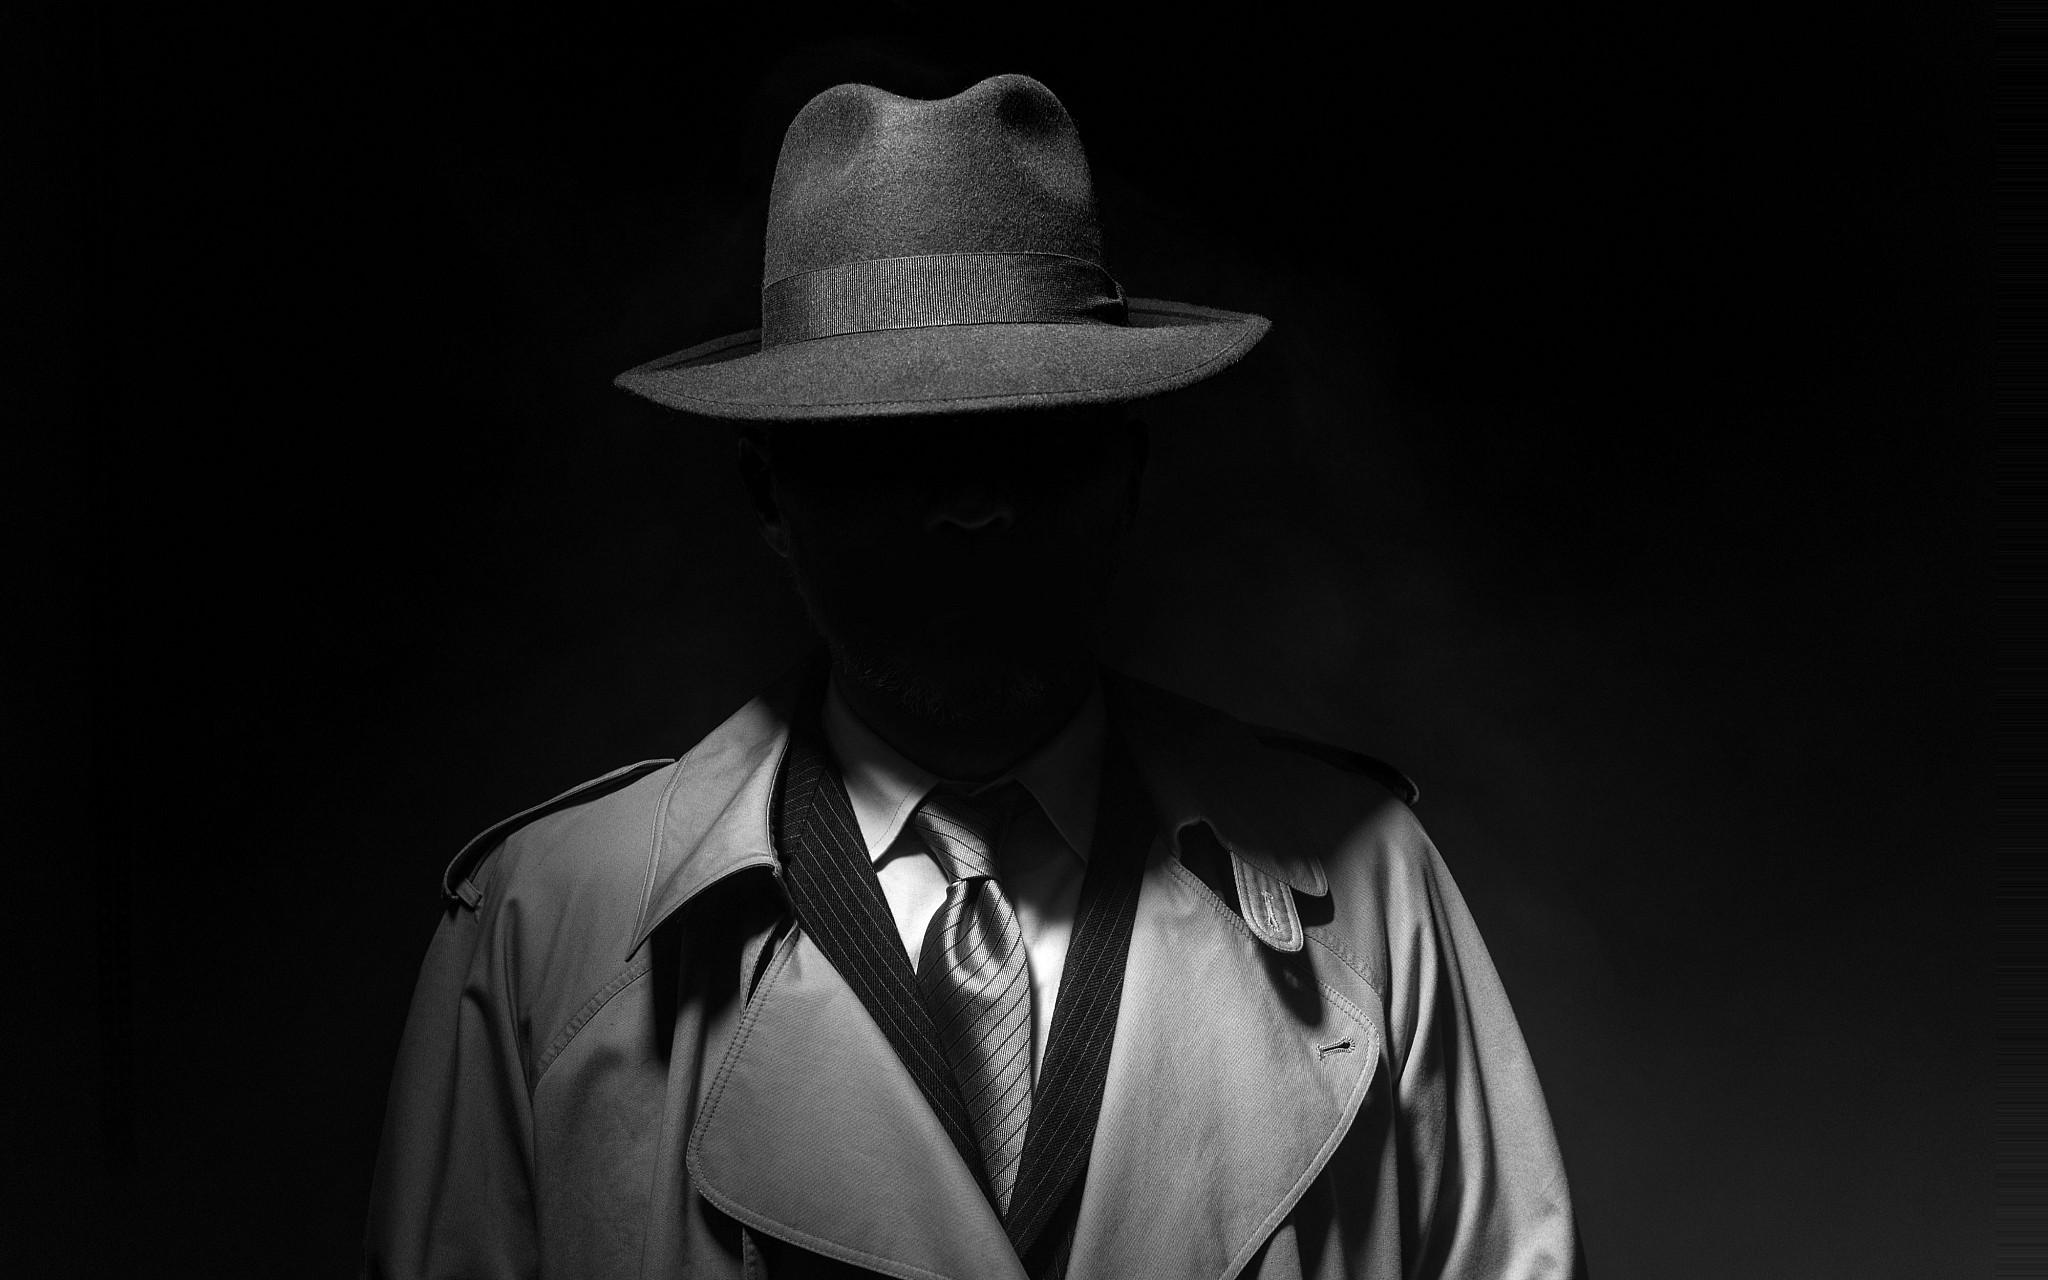 นักสืบตาก นักสืบกำแพงเพชร นักสืบพิษณุโลก นักสืบนครสวรรค์